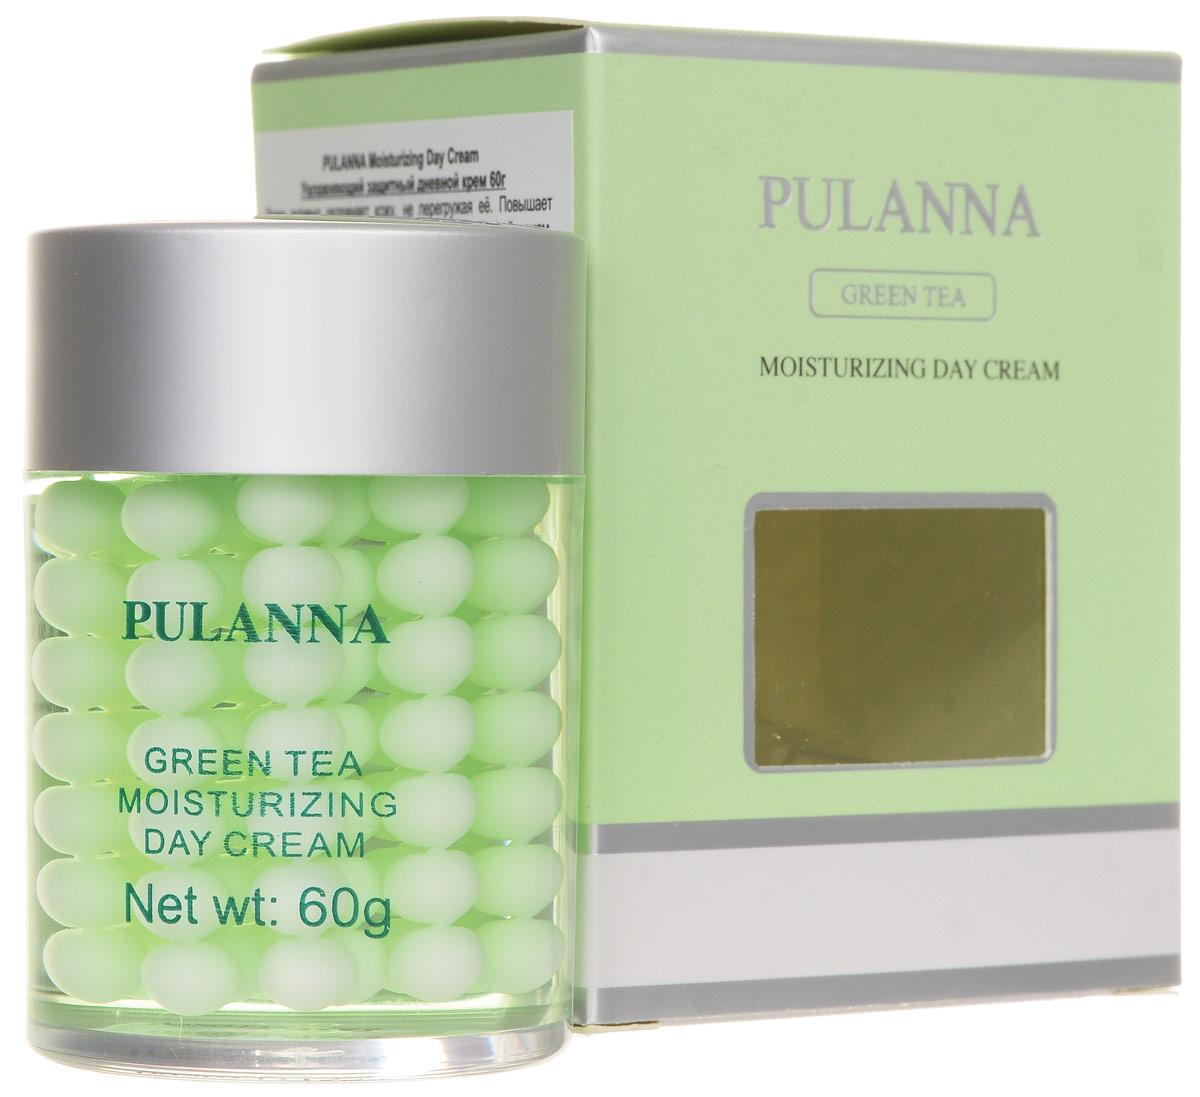 Pulanna Увлажняющий защитный дневной крем на основе зеленого чая-Moisturizing Day Cream 60 г5902596005566Крем активно увлажняет кожу, не перегружая ее. Повышает сопротивляемость кожи к негативным внешним воздействиям, укрепляет сосуды, обладает антиоксидантным действием. За счет введенного в состав крема витамина Е повышается клеточный иммунитет, стимулируются процессы клеточного метаболизма, увеличивается продолжительность жизни клеток. Крем сохраняет влагу в клетках кожи, поддерживает ее упругость. Повышает эластичность и тонус кожи. В состав введены природные фотофильтры. Рекомендован для нормального, комбинированного типов кожи (в том числе для чувствительной) с 20 лет.